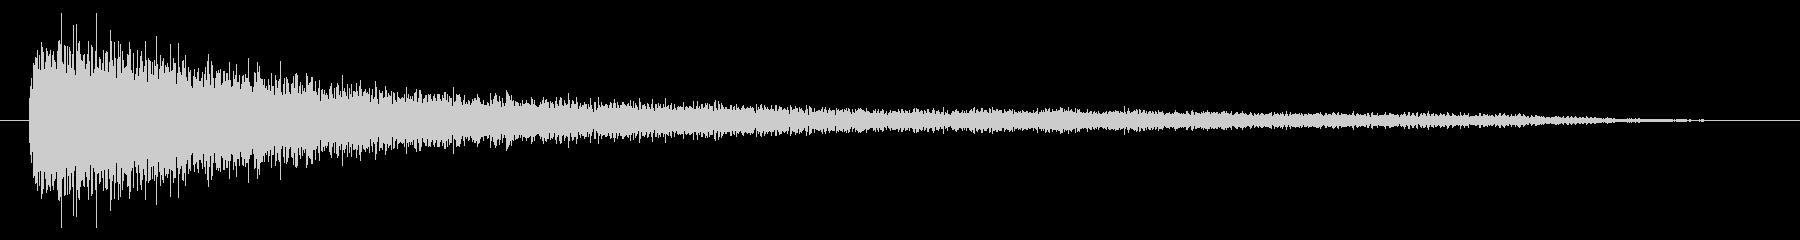 素材 ピアノの深い不協和音01の未再生の波形